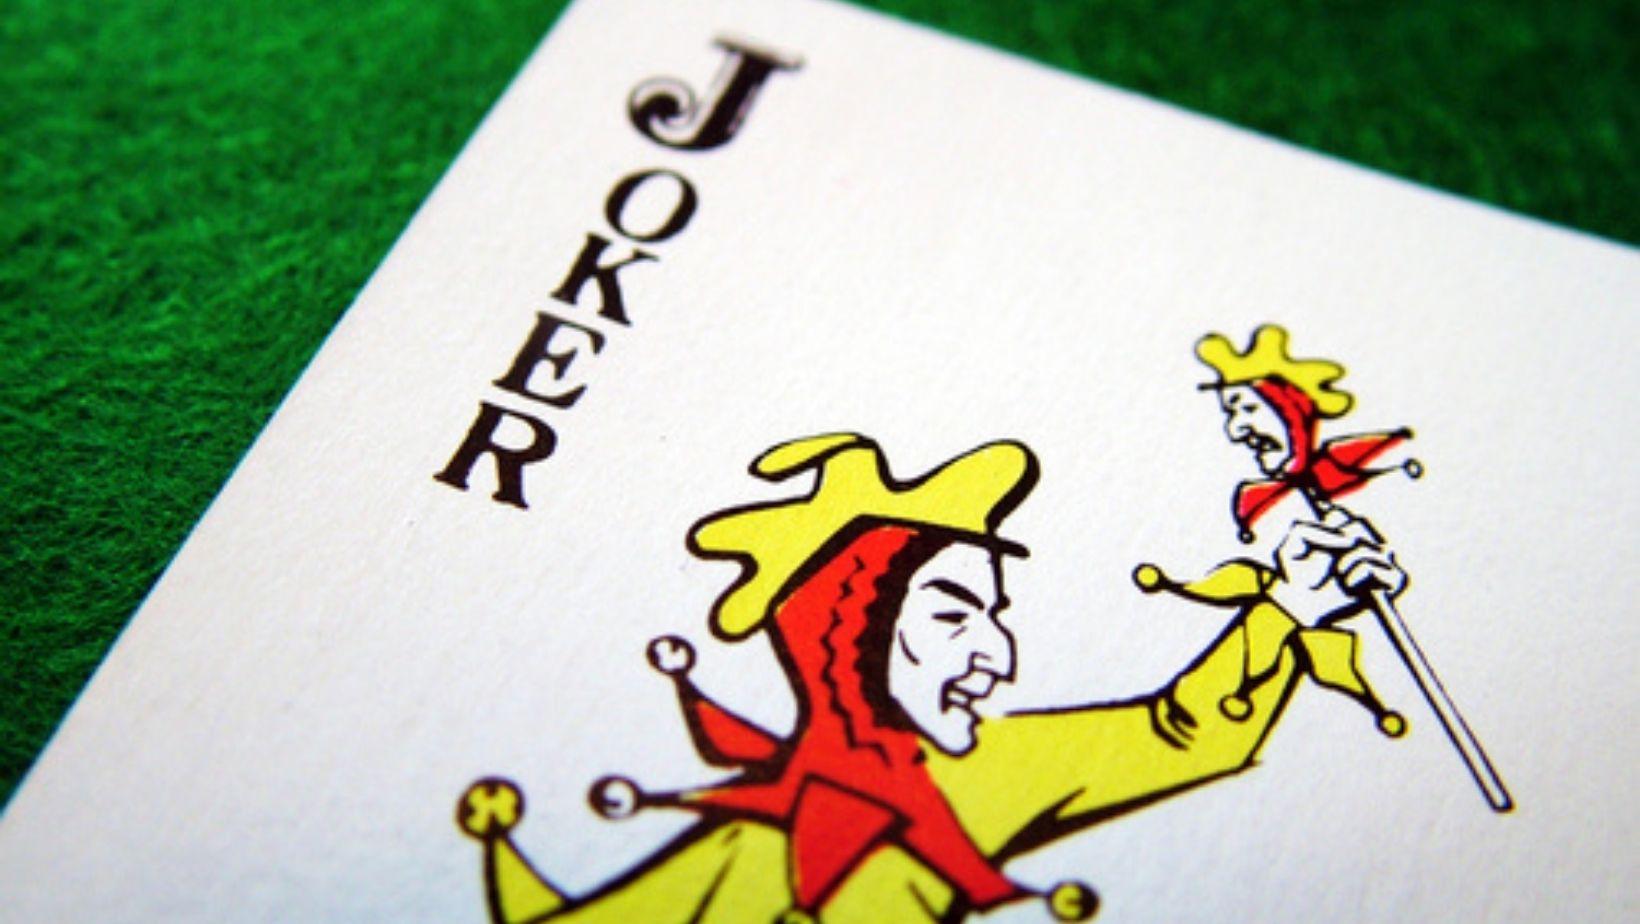 How to play Joker Poker